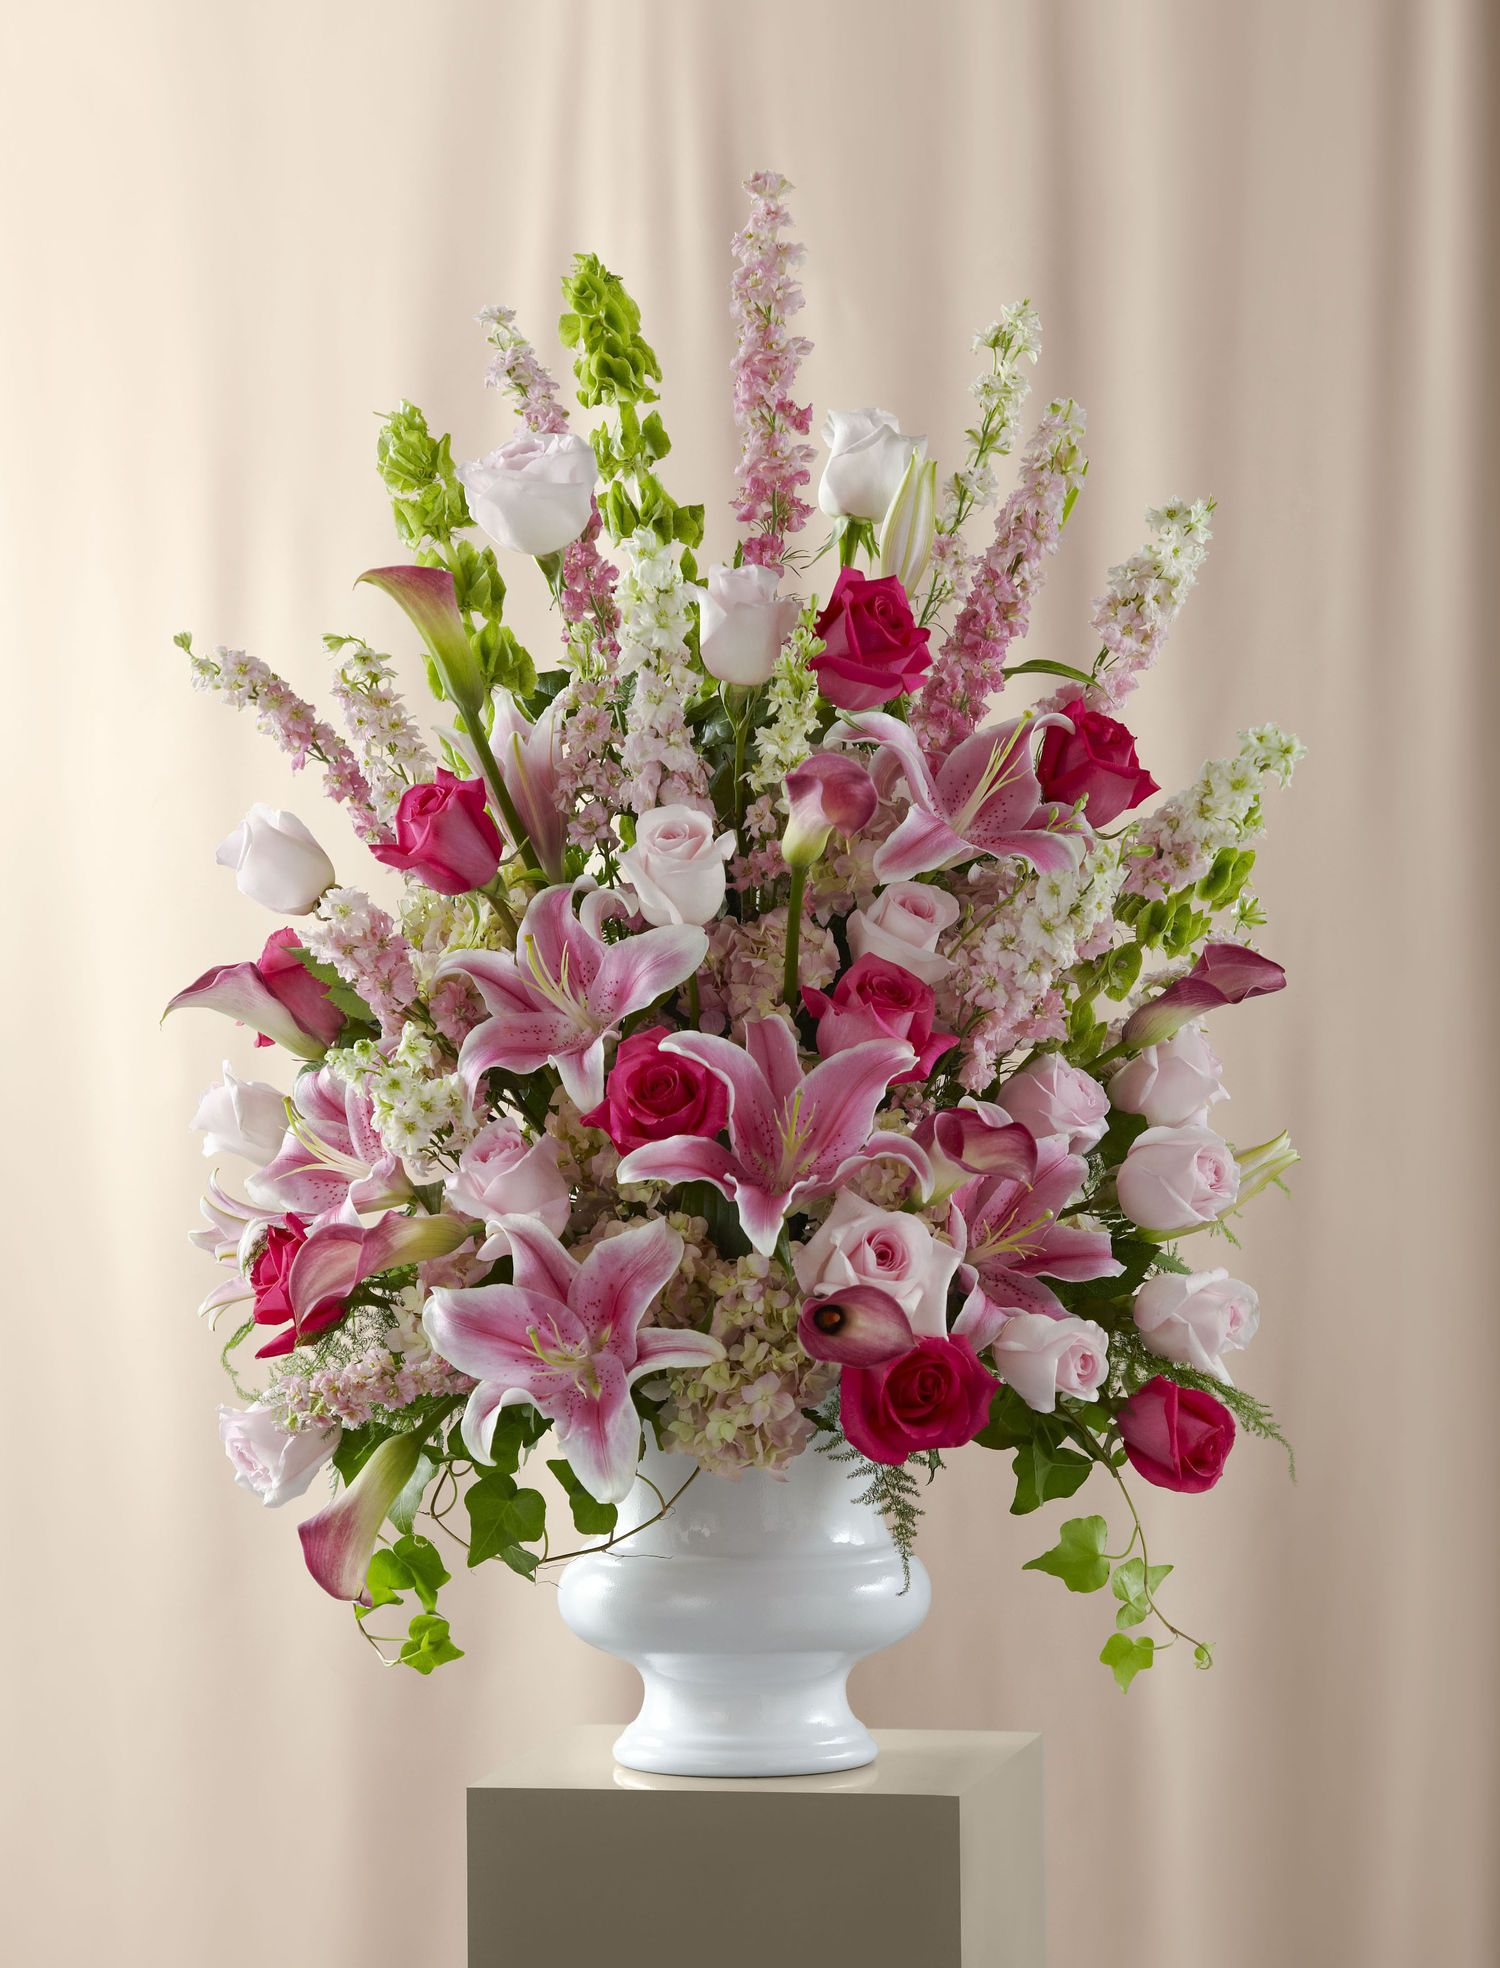 Ceremony Flowers Large flower arrangements, Large floral